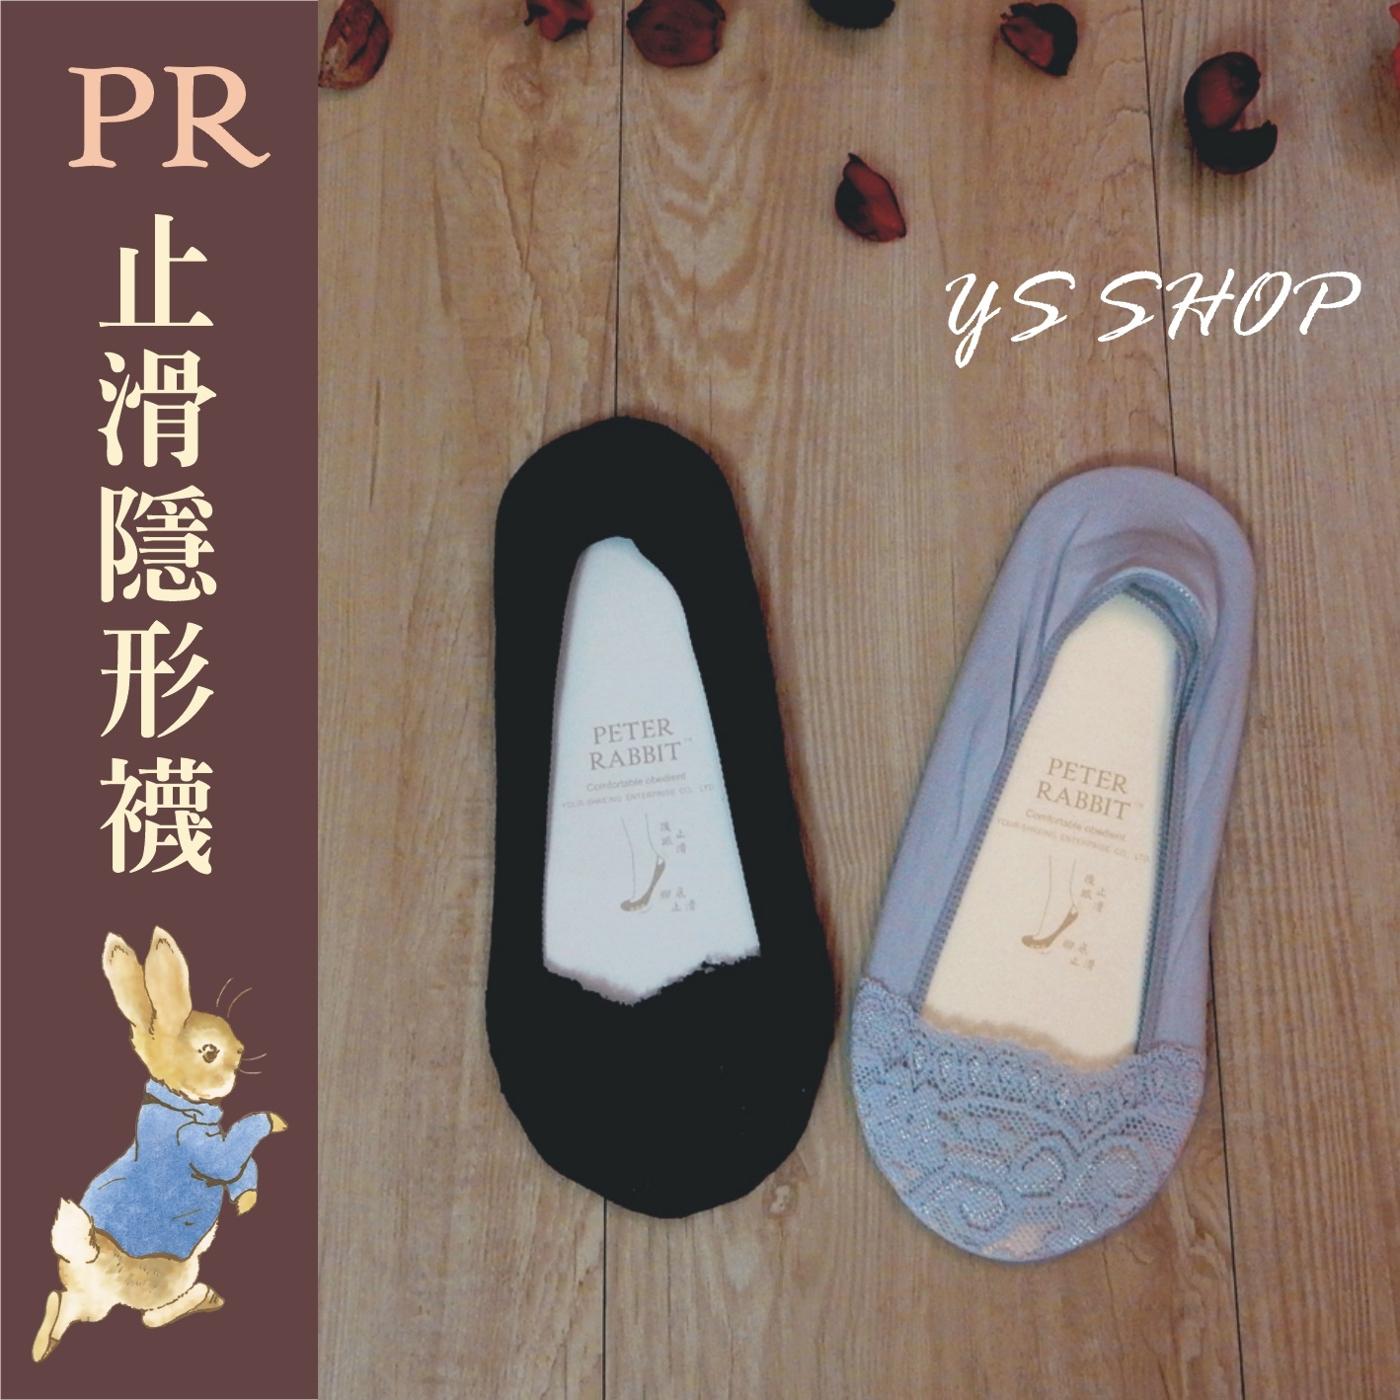 比得兔/彼得兔 防滑隱形襪 (腳底 後跟止滑) - SK751(共2色)【YS SHOP】